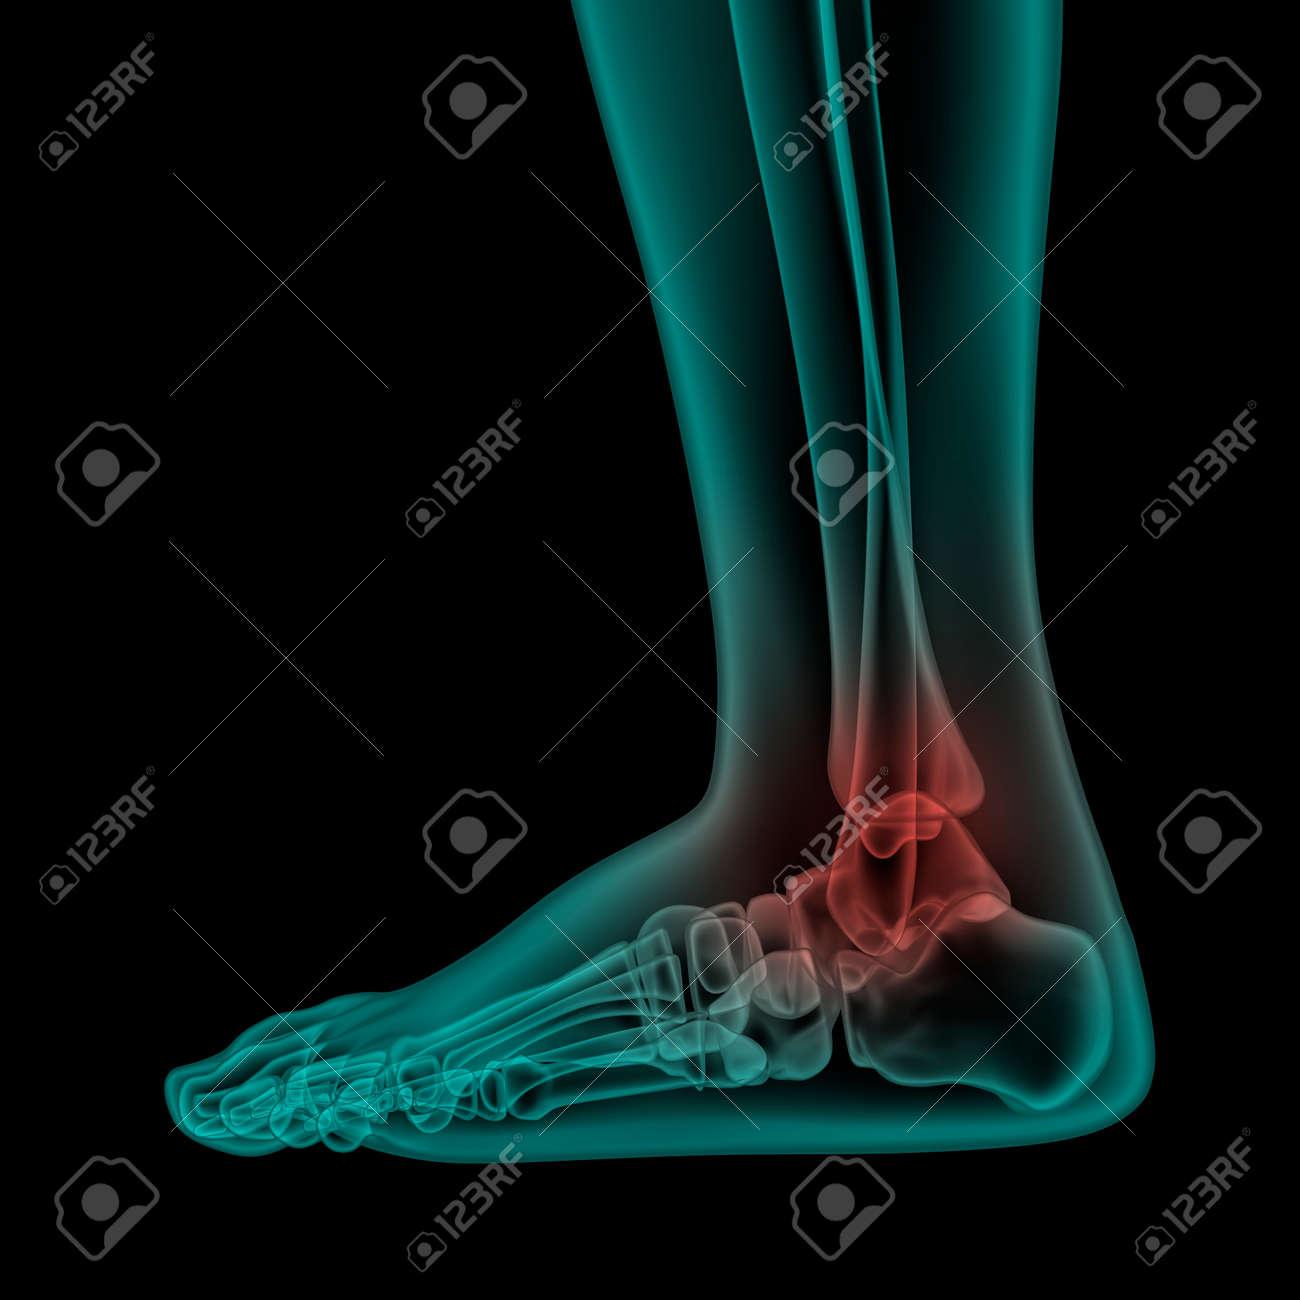 Seite X-ray-Scan Sicht Der Menschlichen Schmerzhaften Fuß Und ...